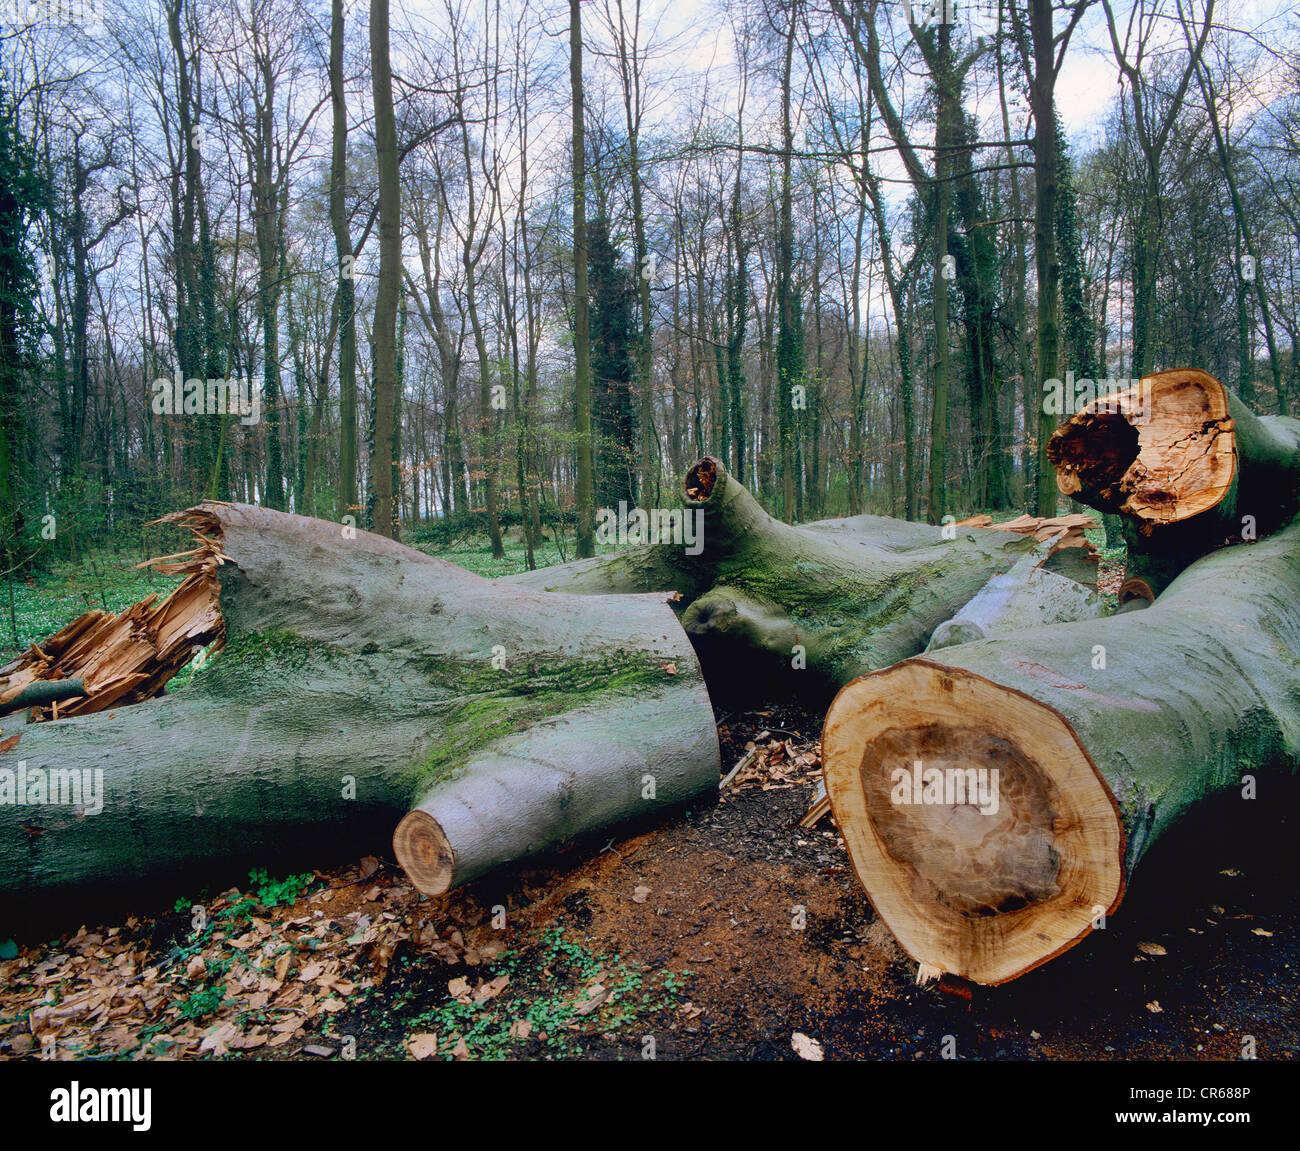 Rotura de viento, cortar troncos de árboles caídos, hayedos, común europeo haya (Fagus sylvatica) Imagen De Stock